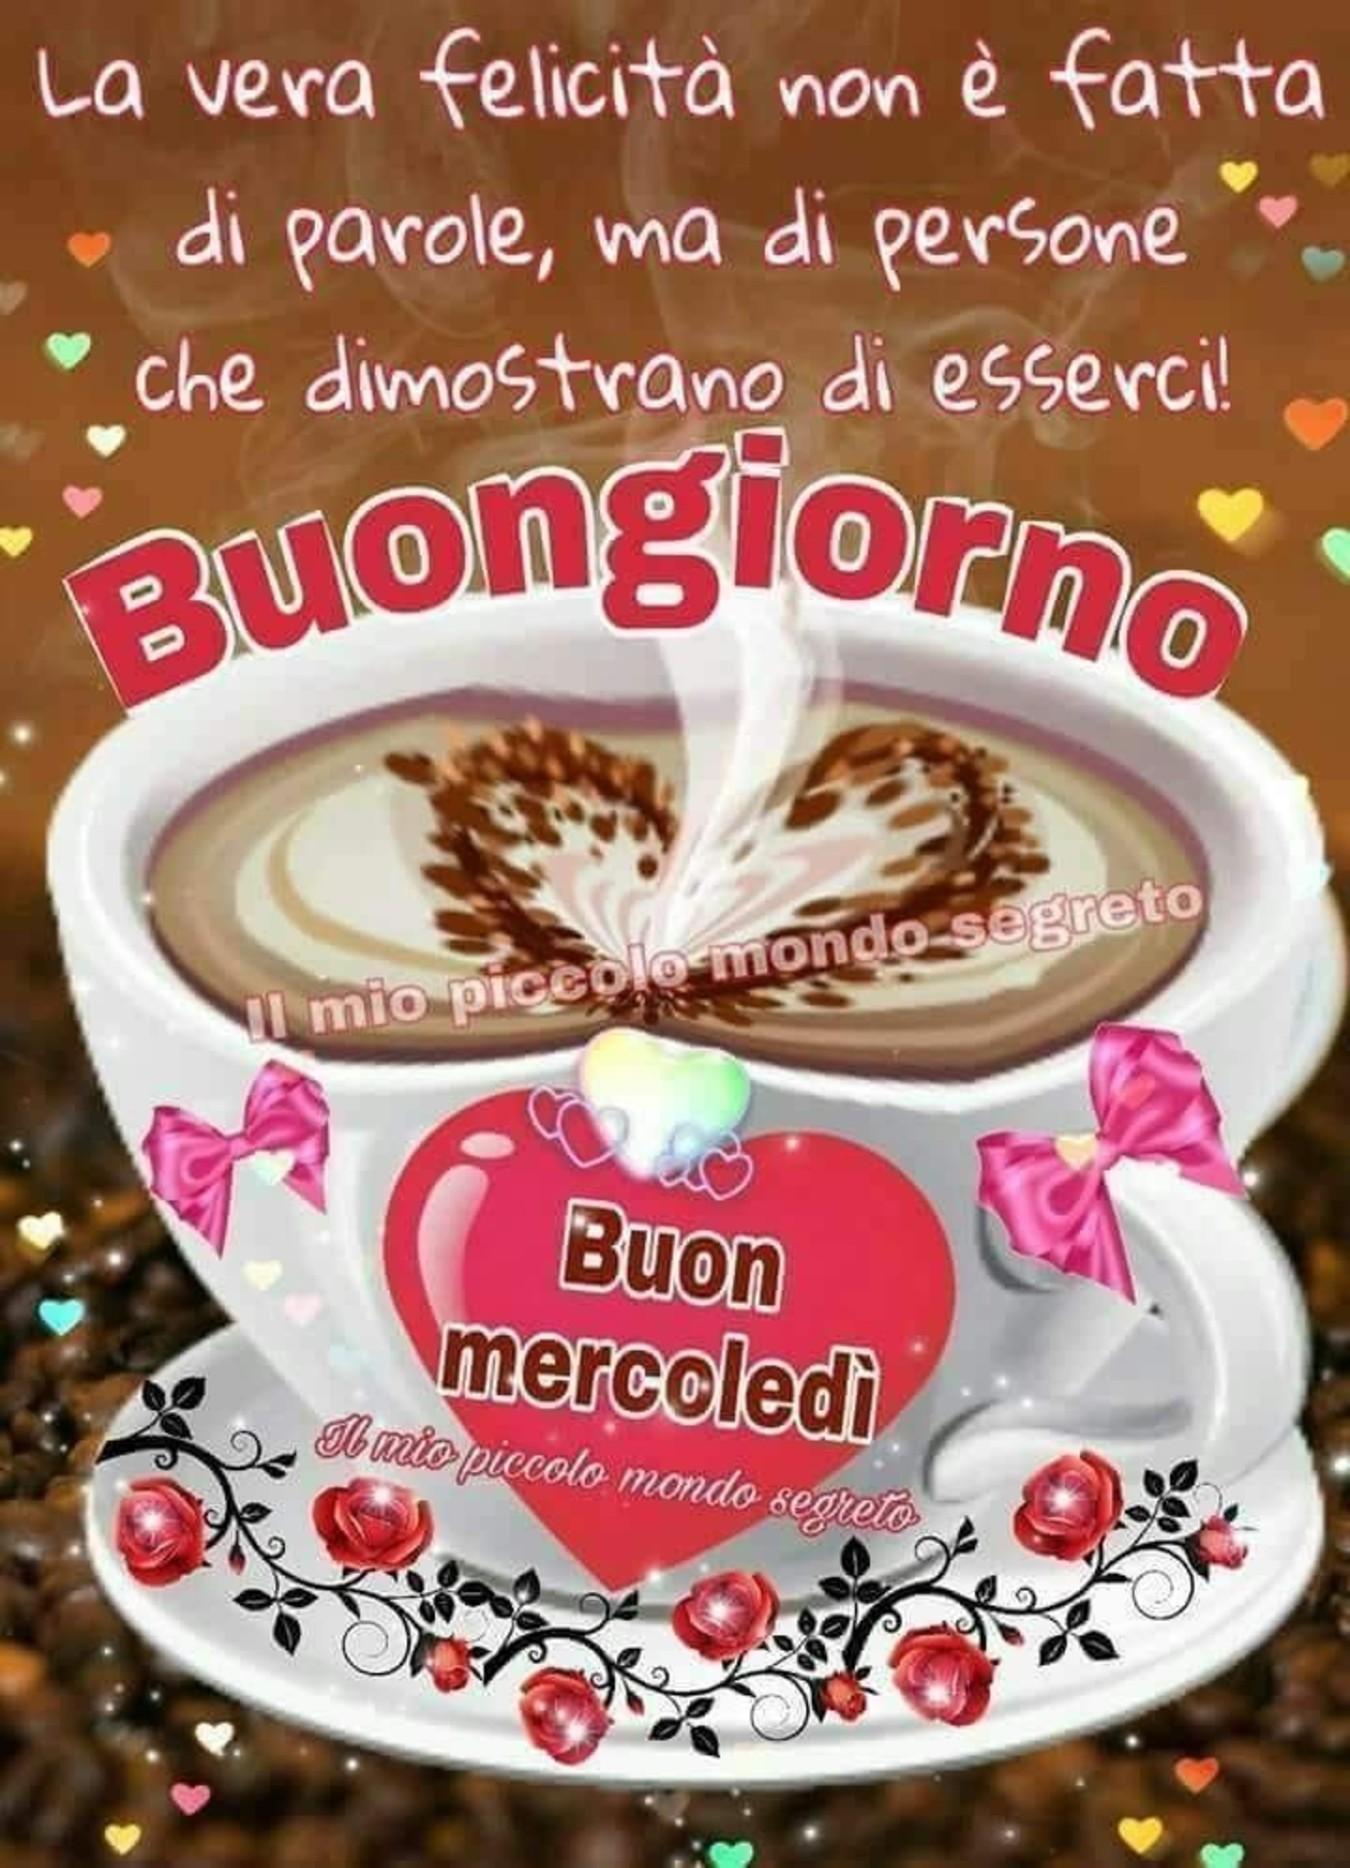 Immagini Buon Mercoledi Col Caffe 7 Immaginiwhatsapp It